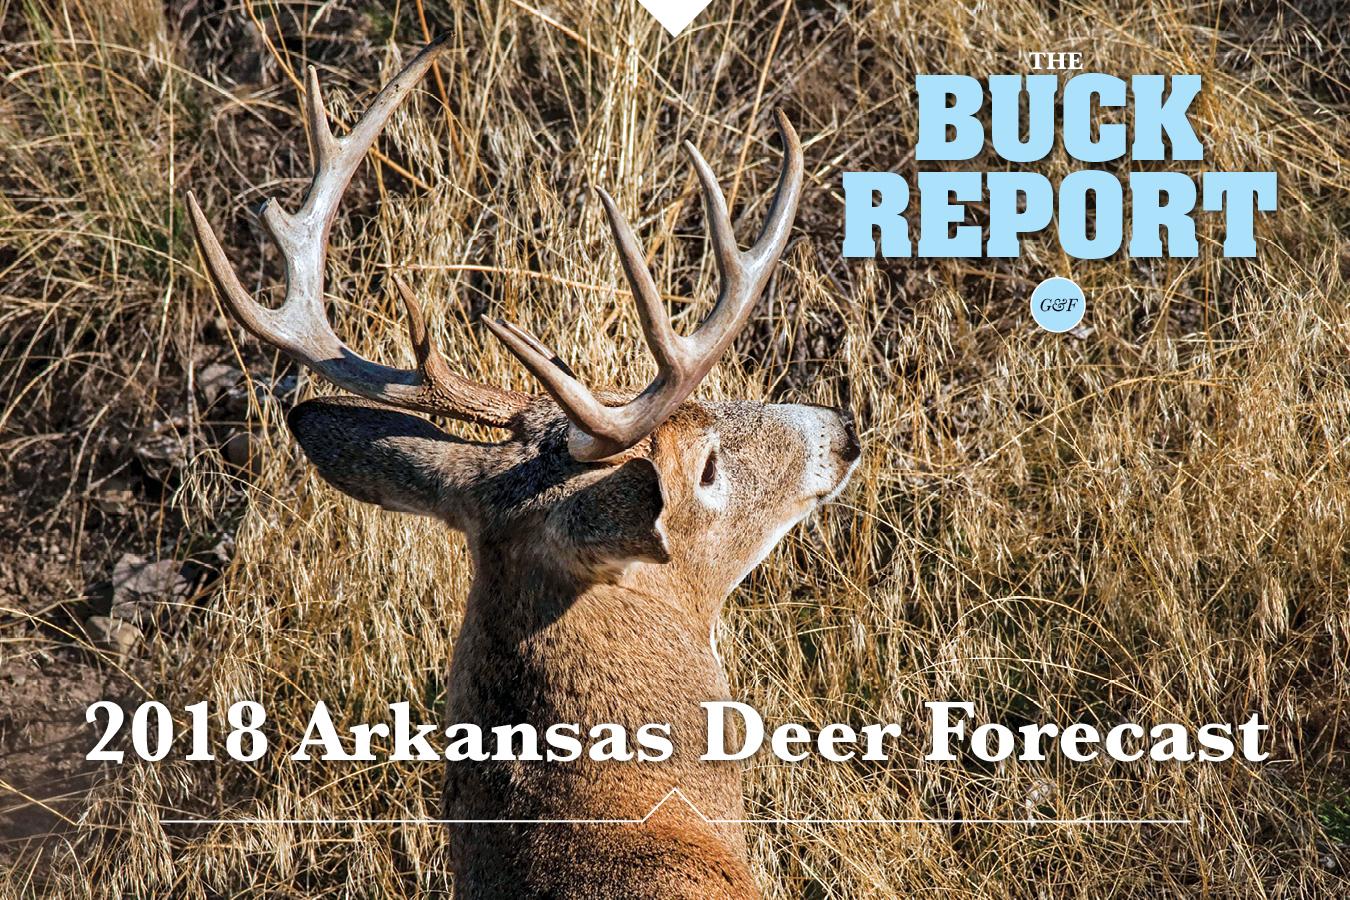 2018 Arkansas Deer Forecast